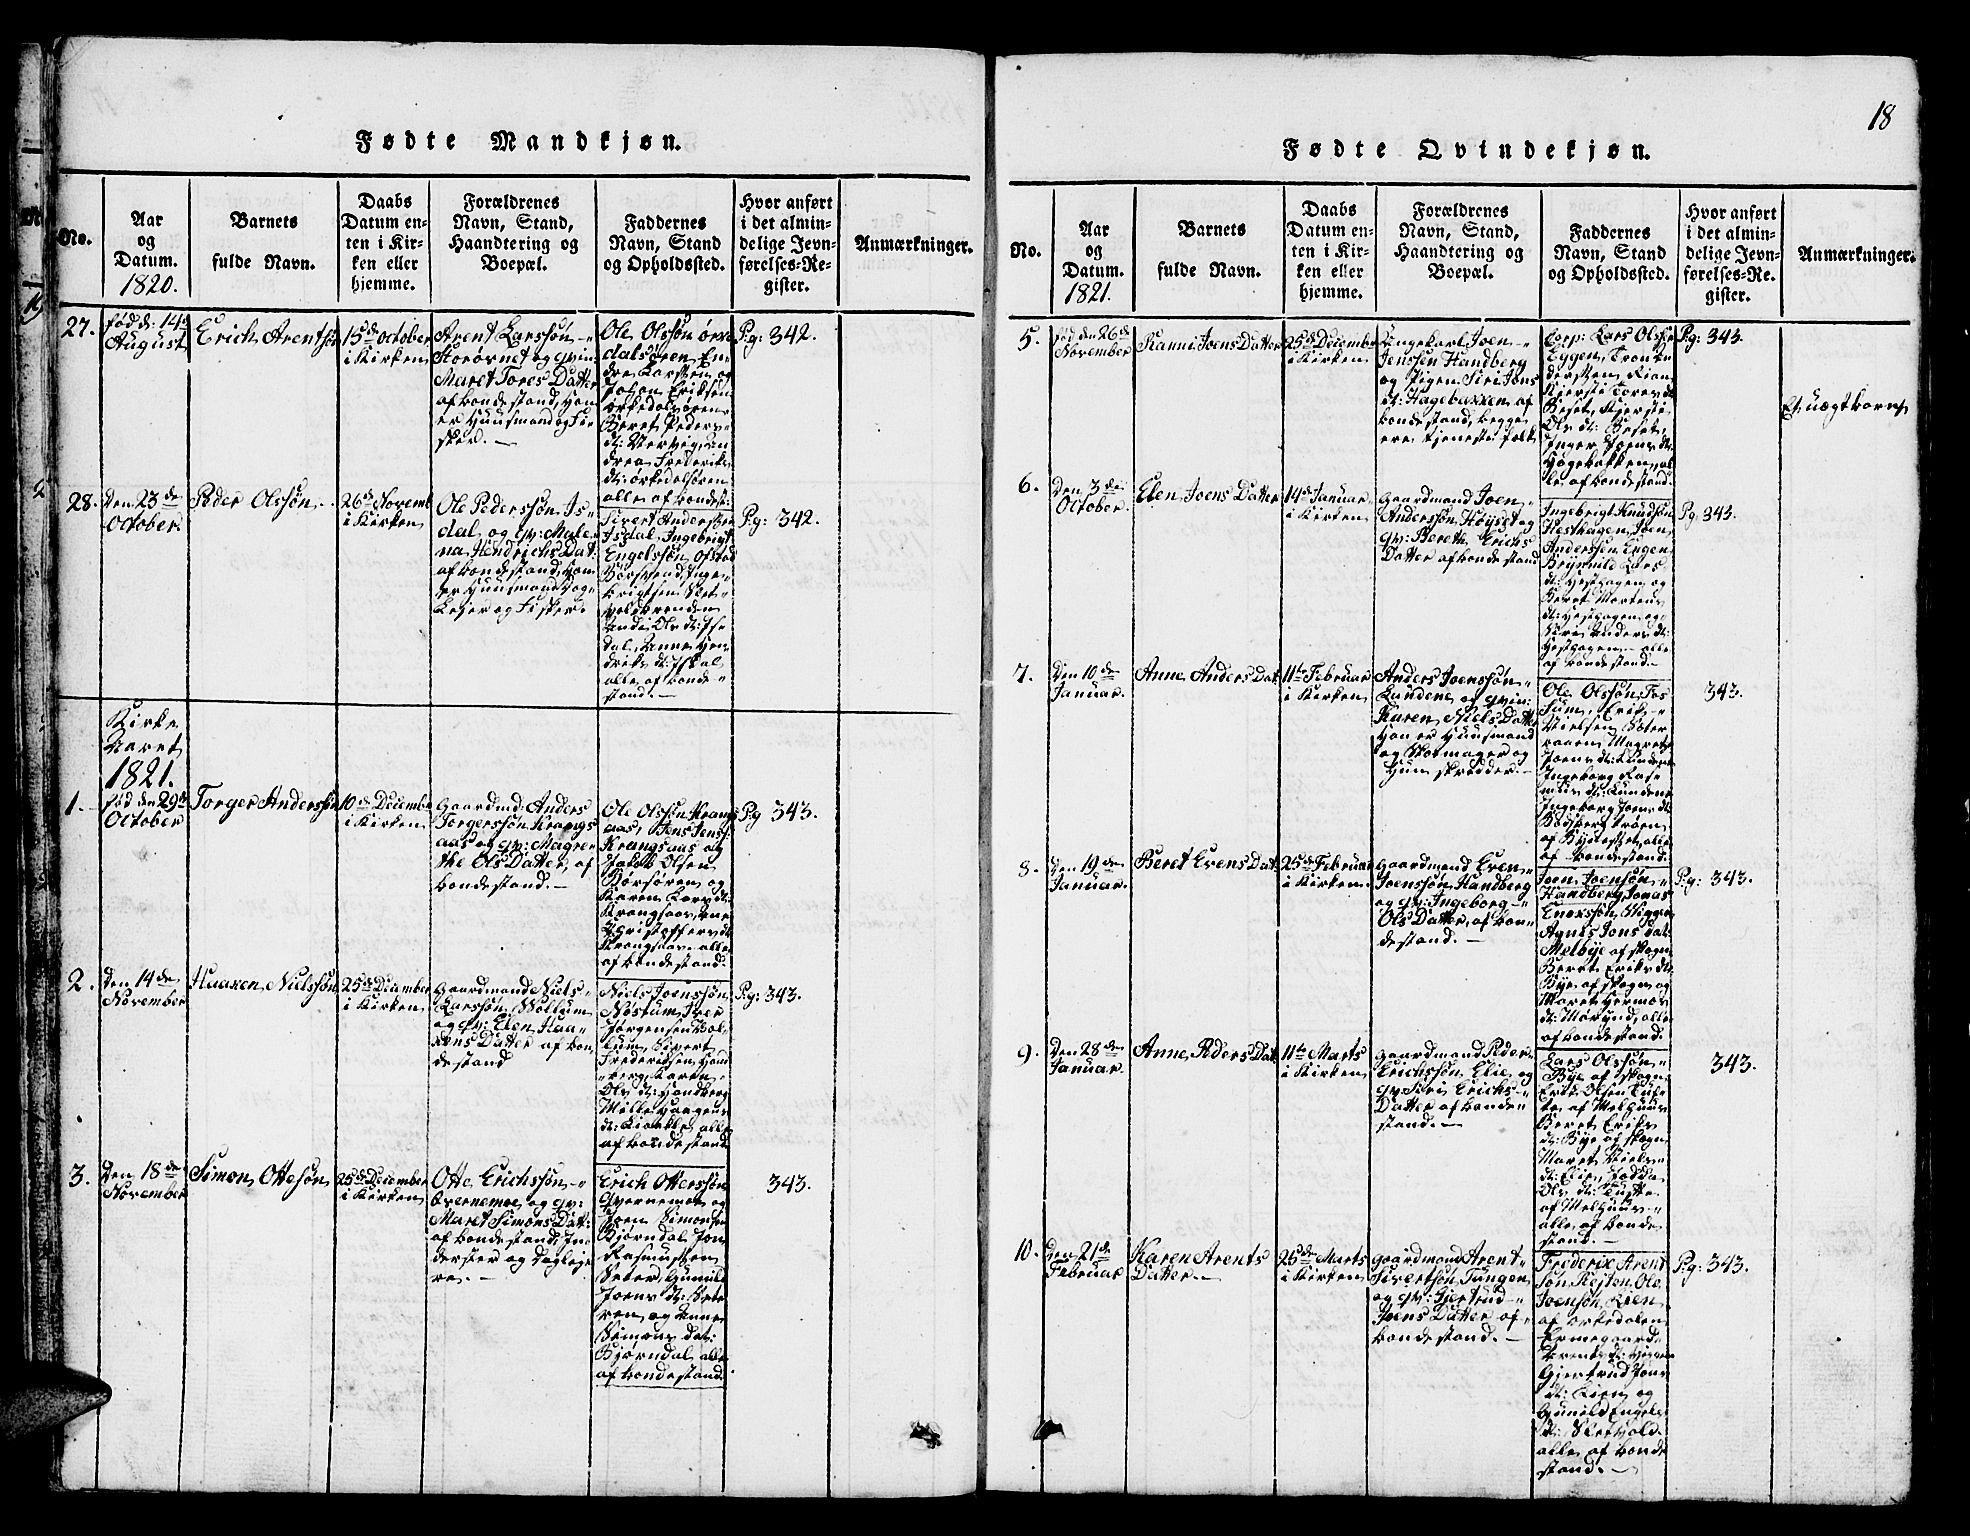 SAT, Ministerialprotokoller, klokkerbøker og fødselsregistre - Sør-Trøndelag, 665/L0776: Klokkerbok nr. 665C01, 1817-1837, s. 18